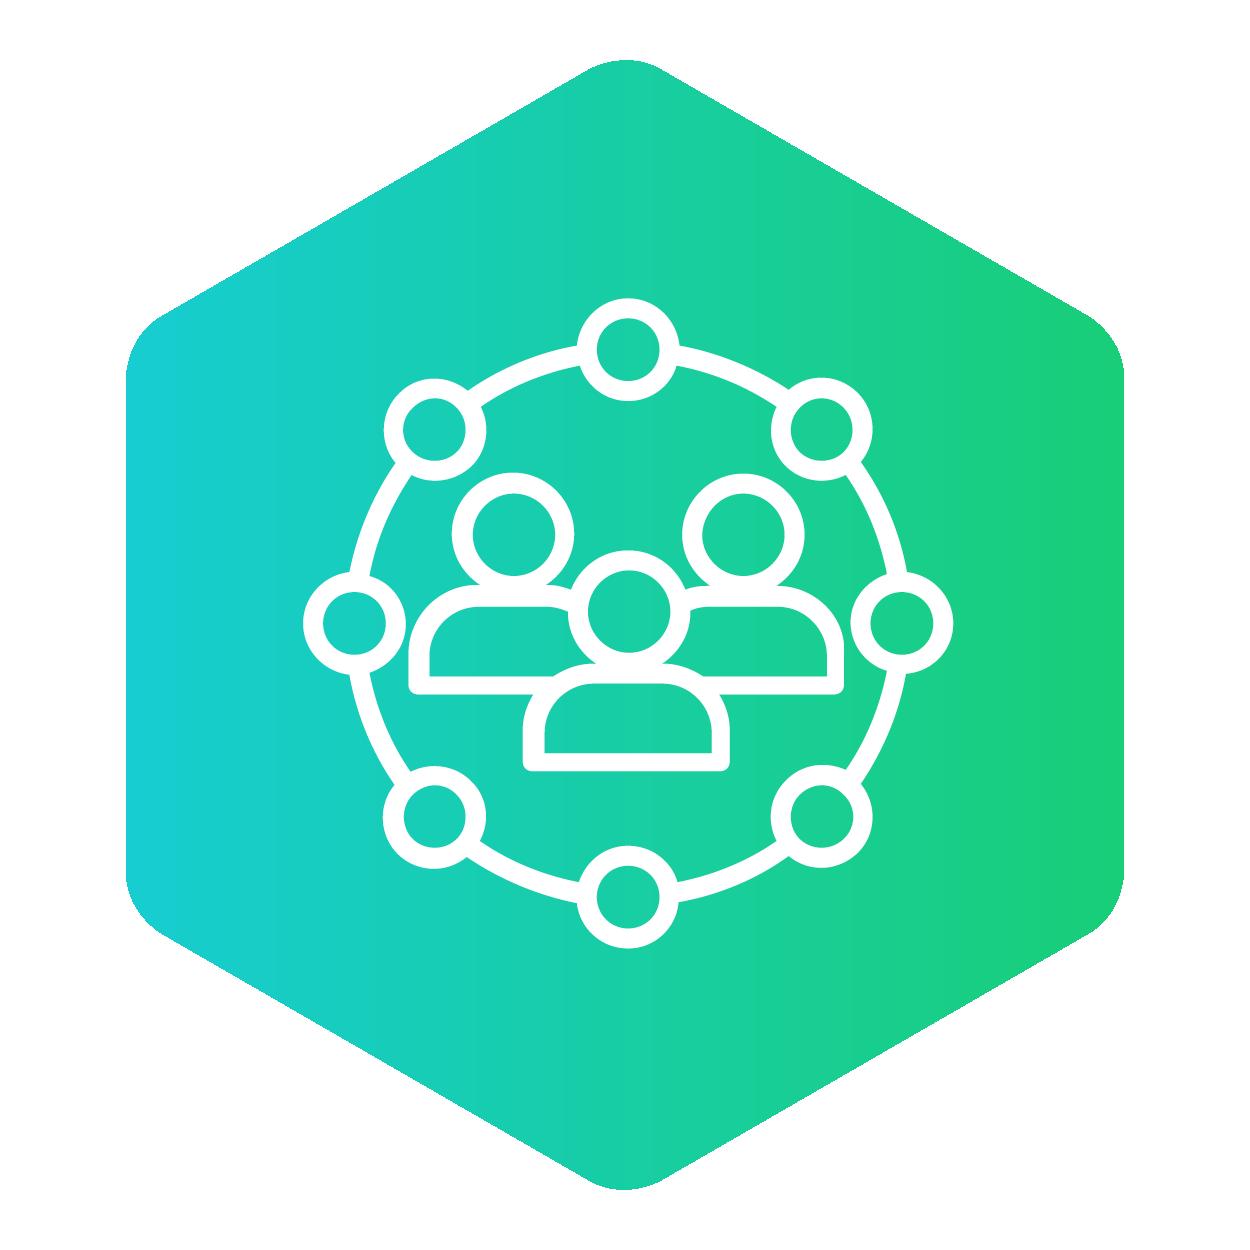 hexagon_culture.png